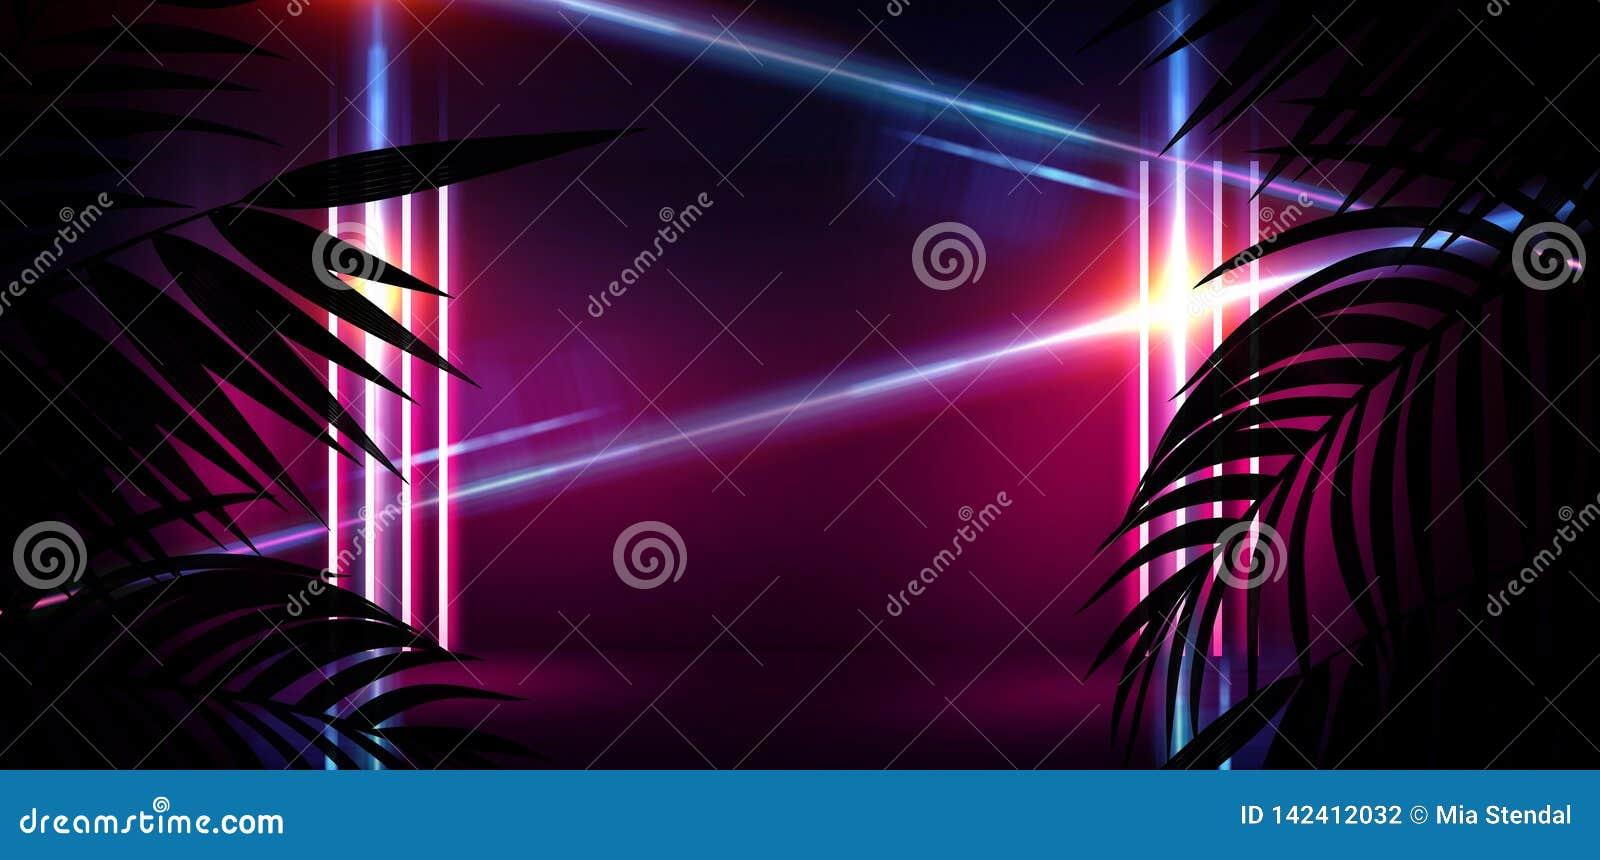 暗室的背景,隧道,走廊,霓虹灯,灯,热带叶子